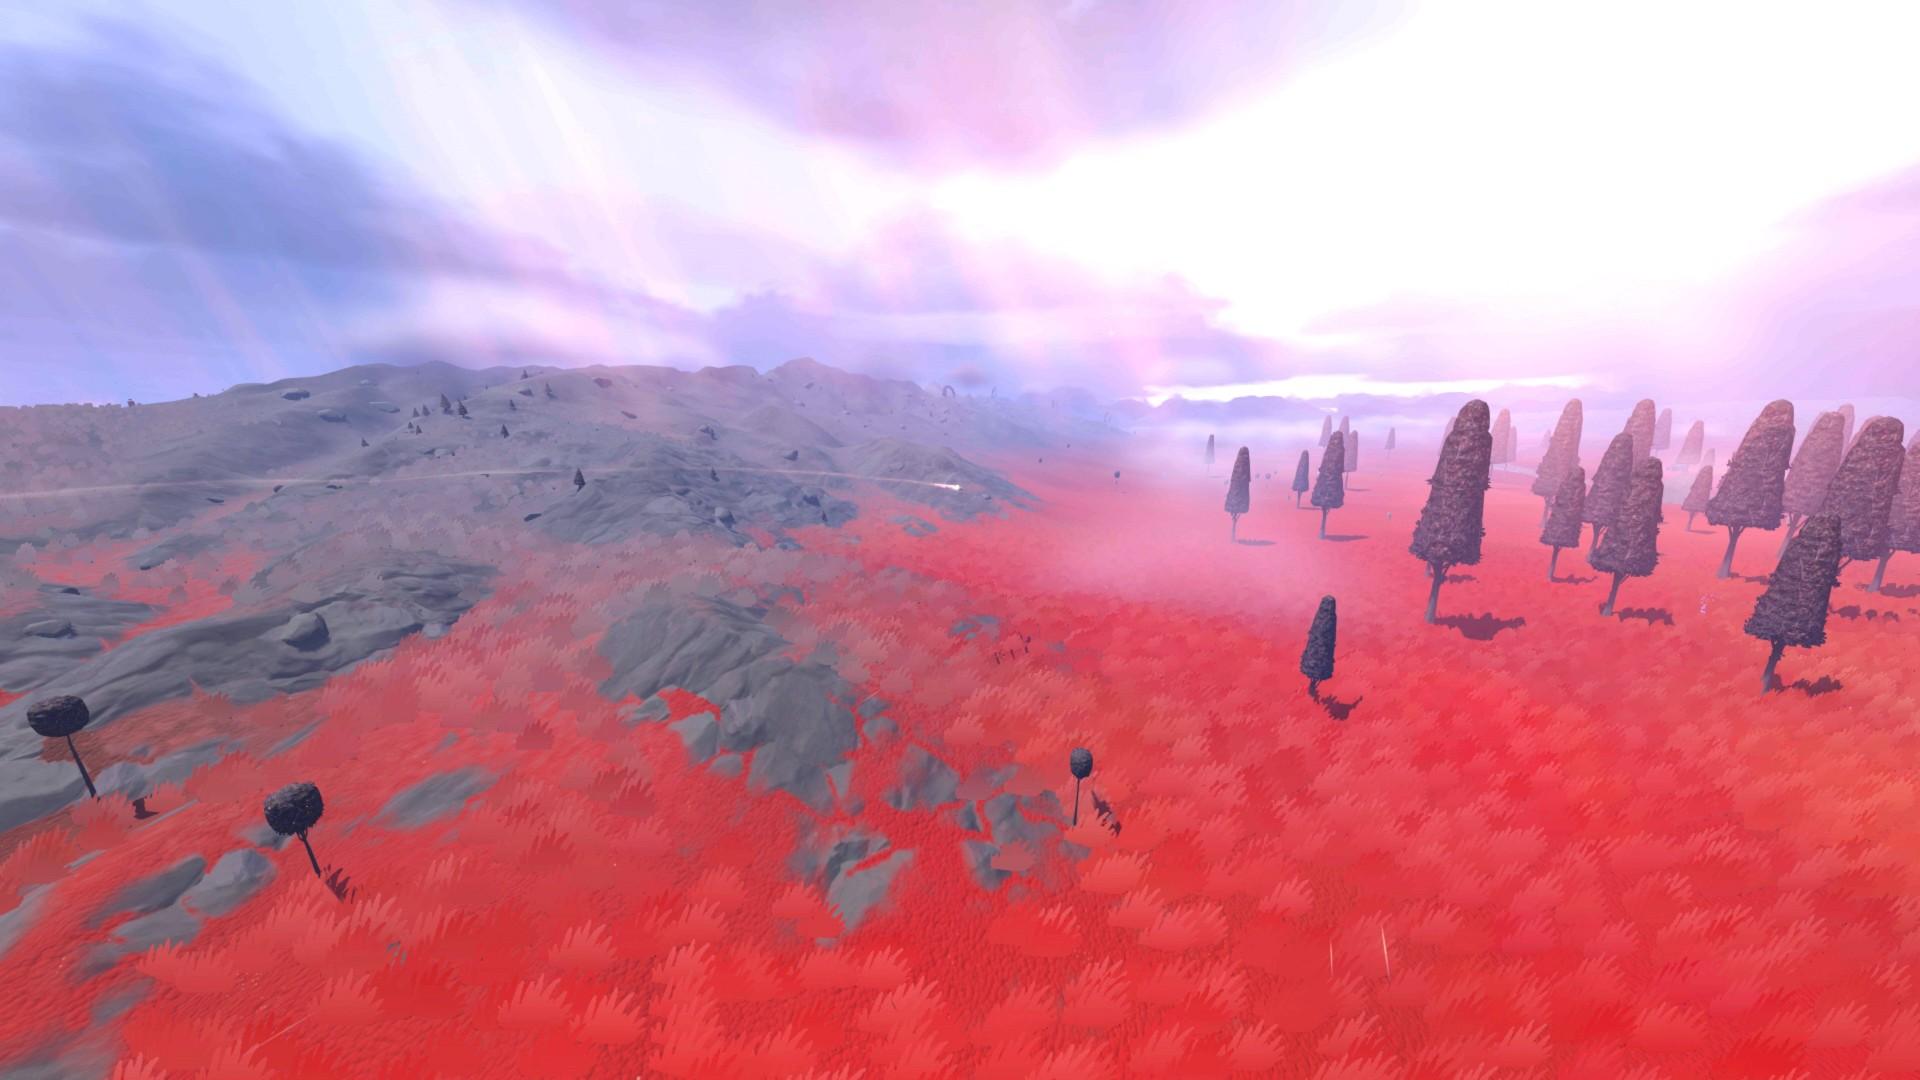 new-gameplay-trailer-revealed-for-jett:-the-far-shore